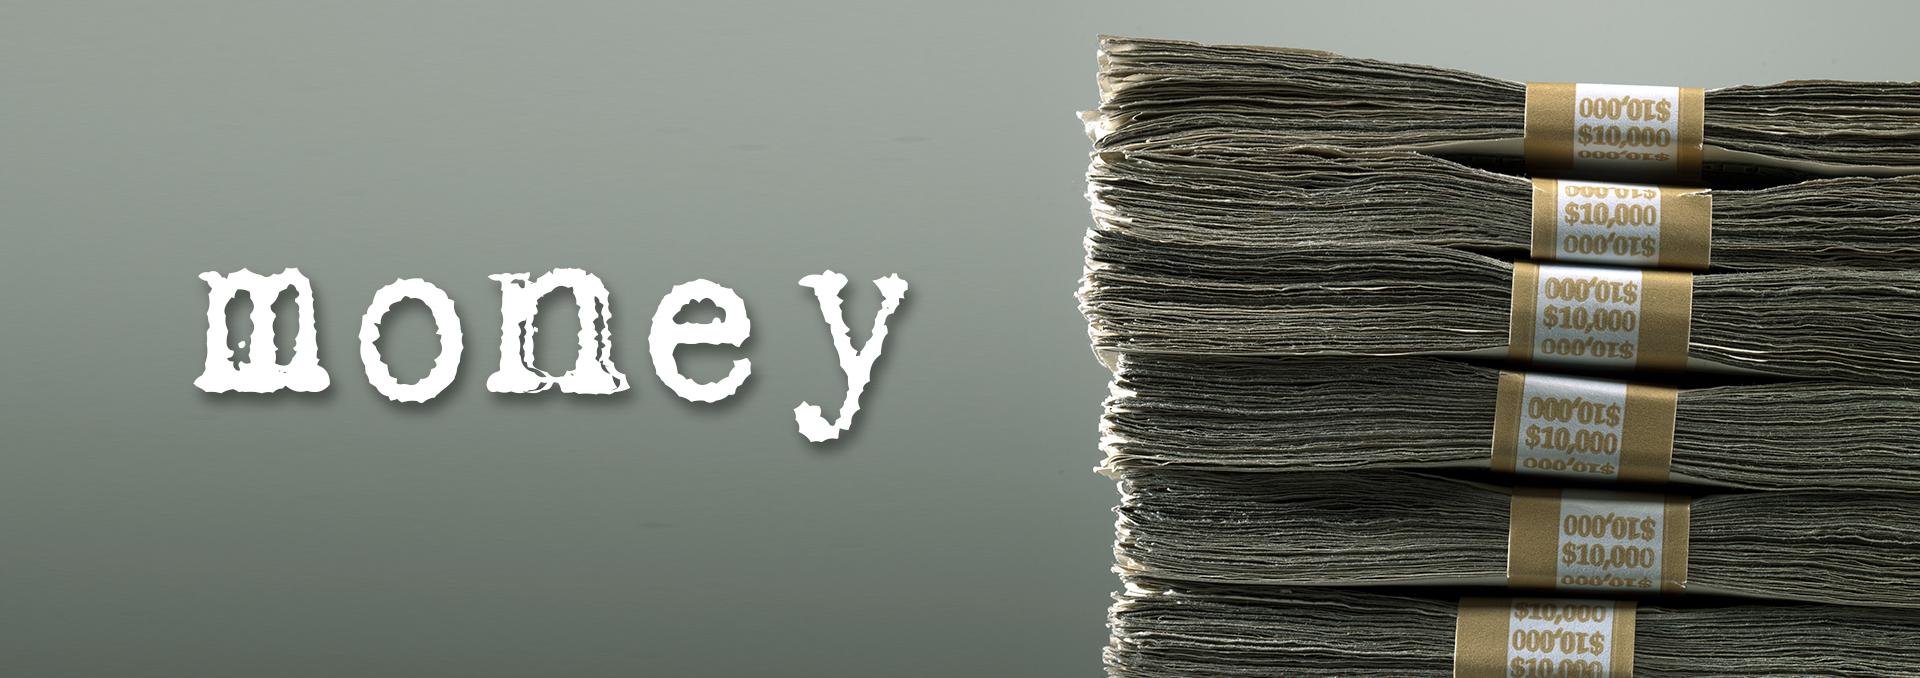 Money banner 2.jpg